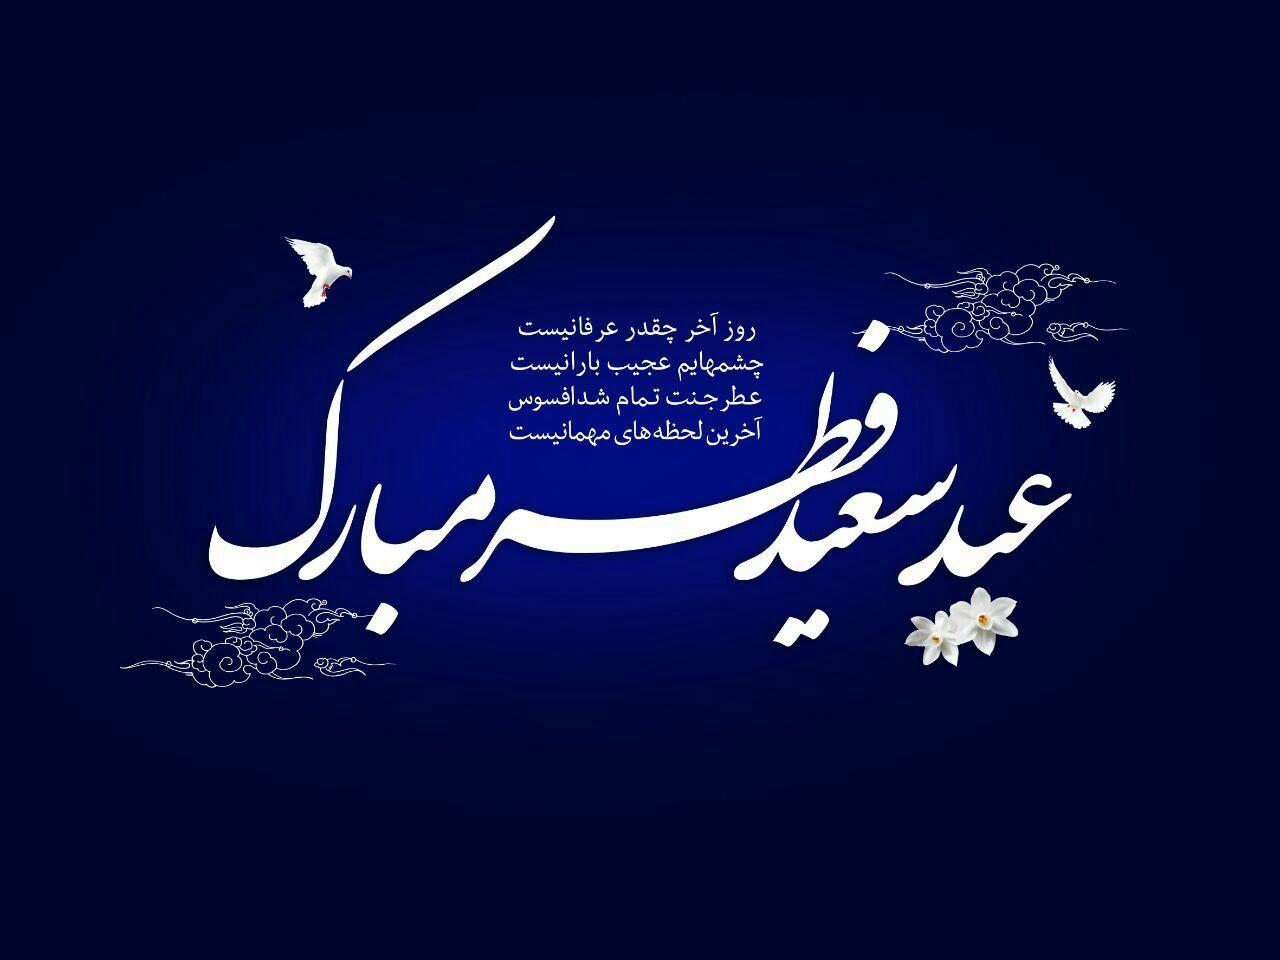 عید سعید فطر گرامی باد -- هیأت فوتبال استان تهران